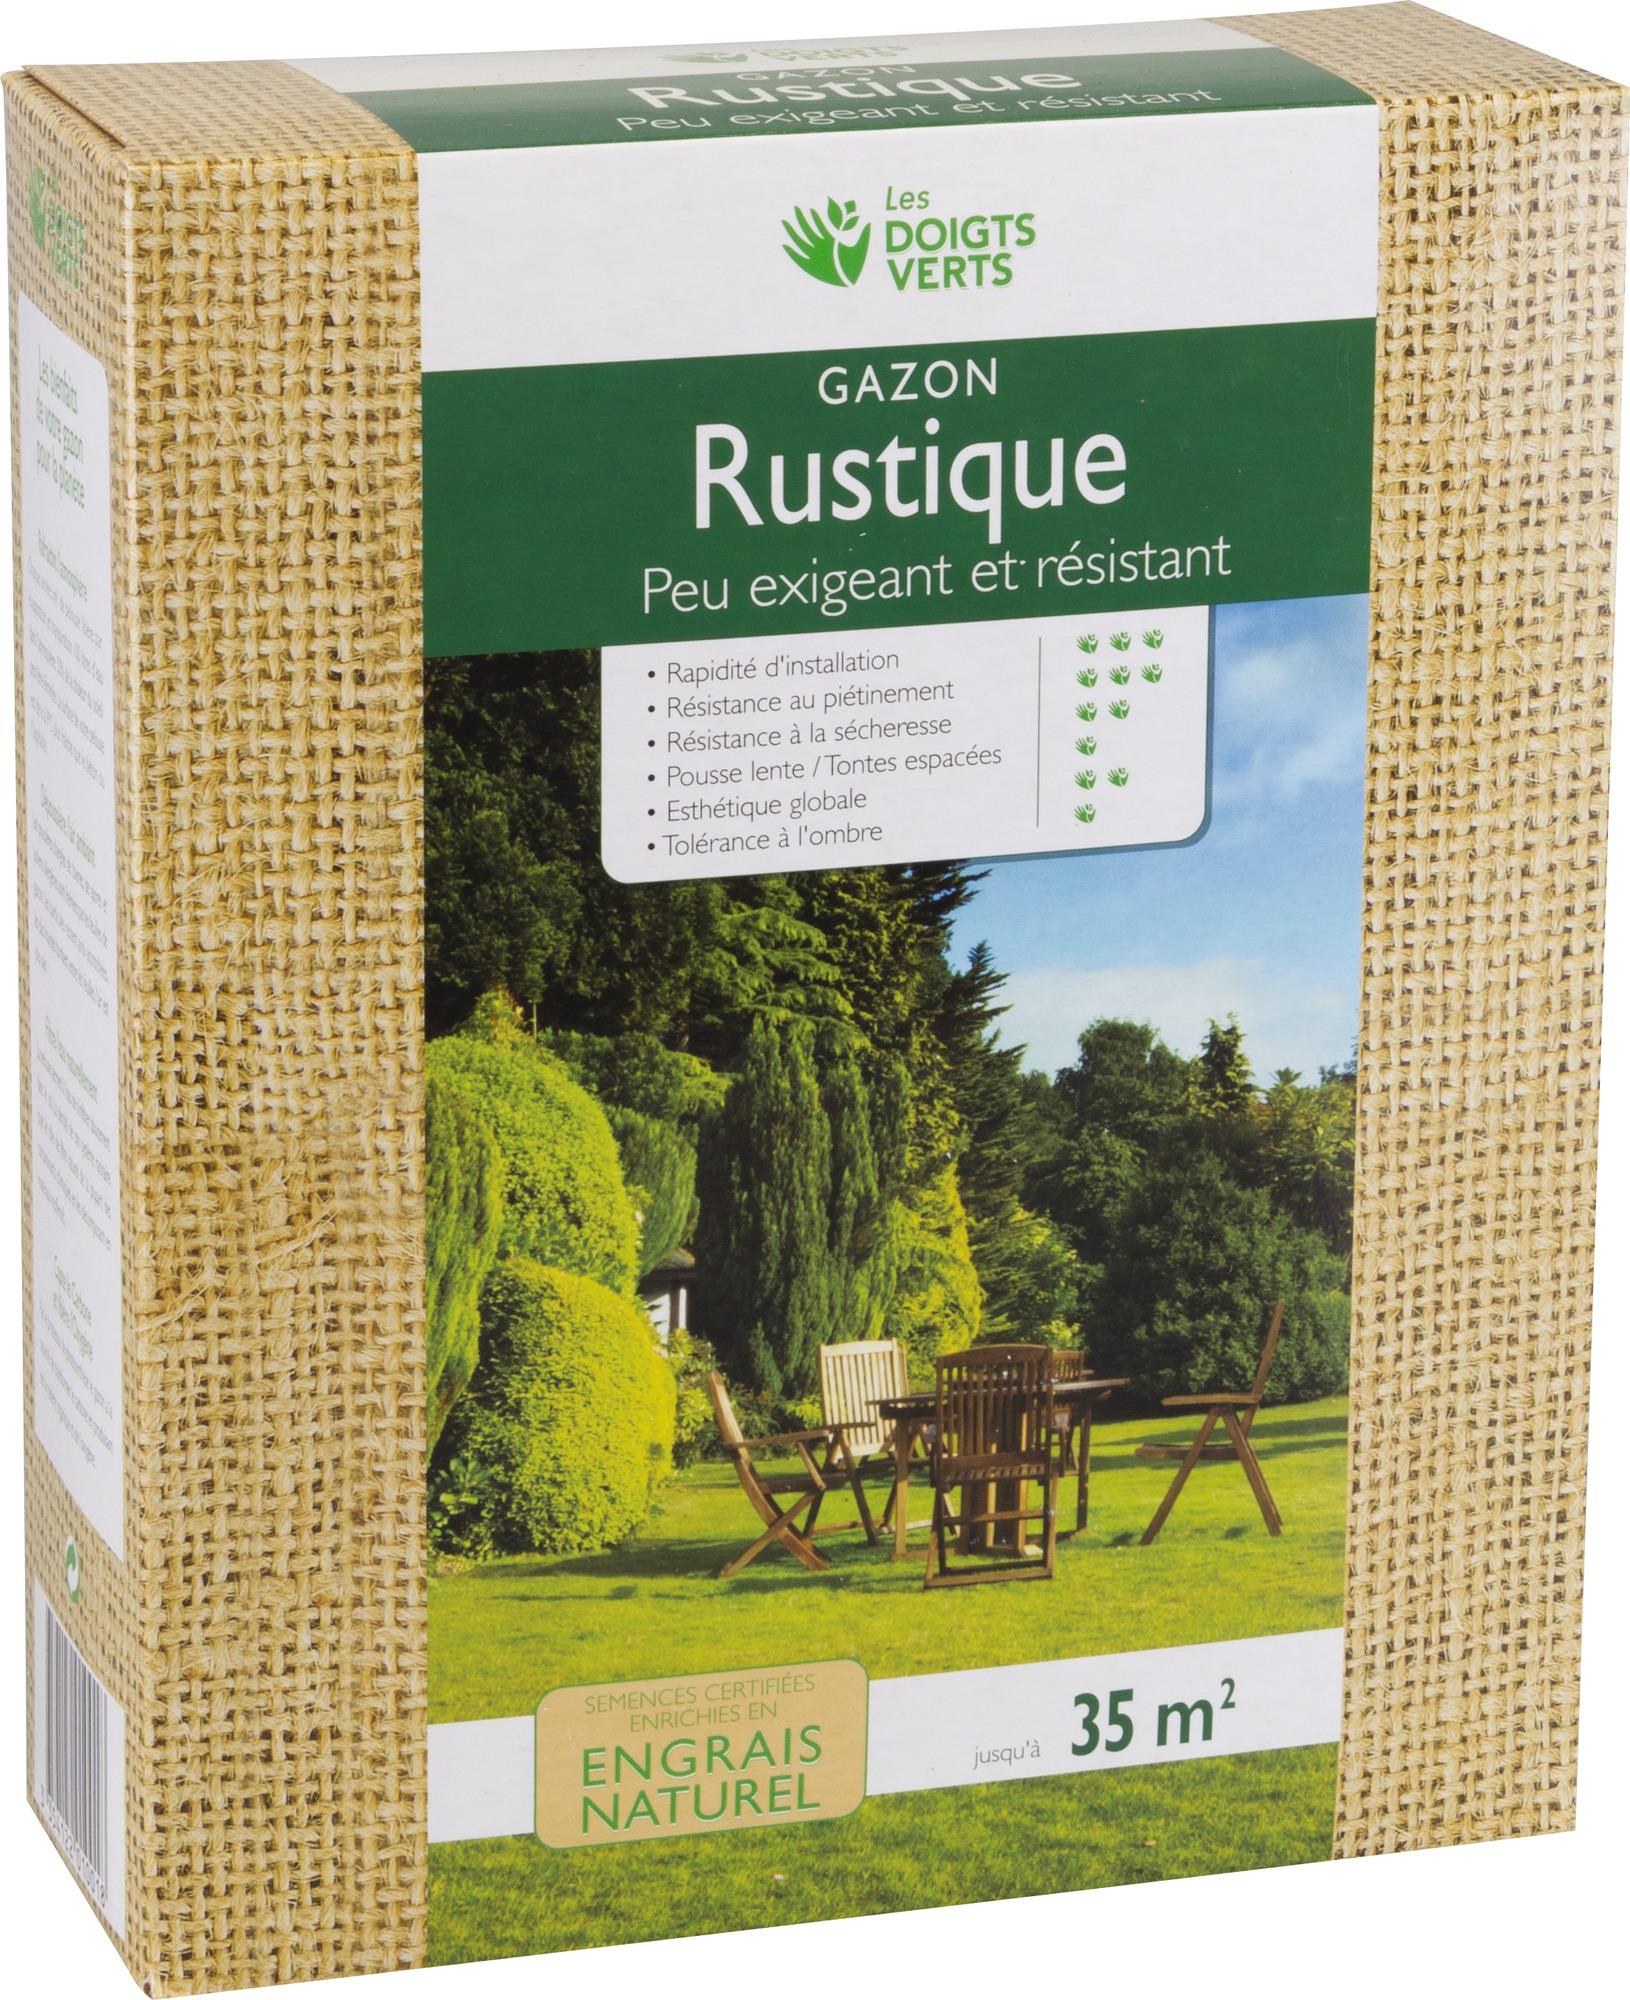 Gazon rustique enrichi Les doigts verts - 1 kg